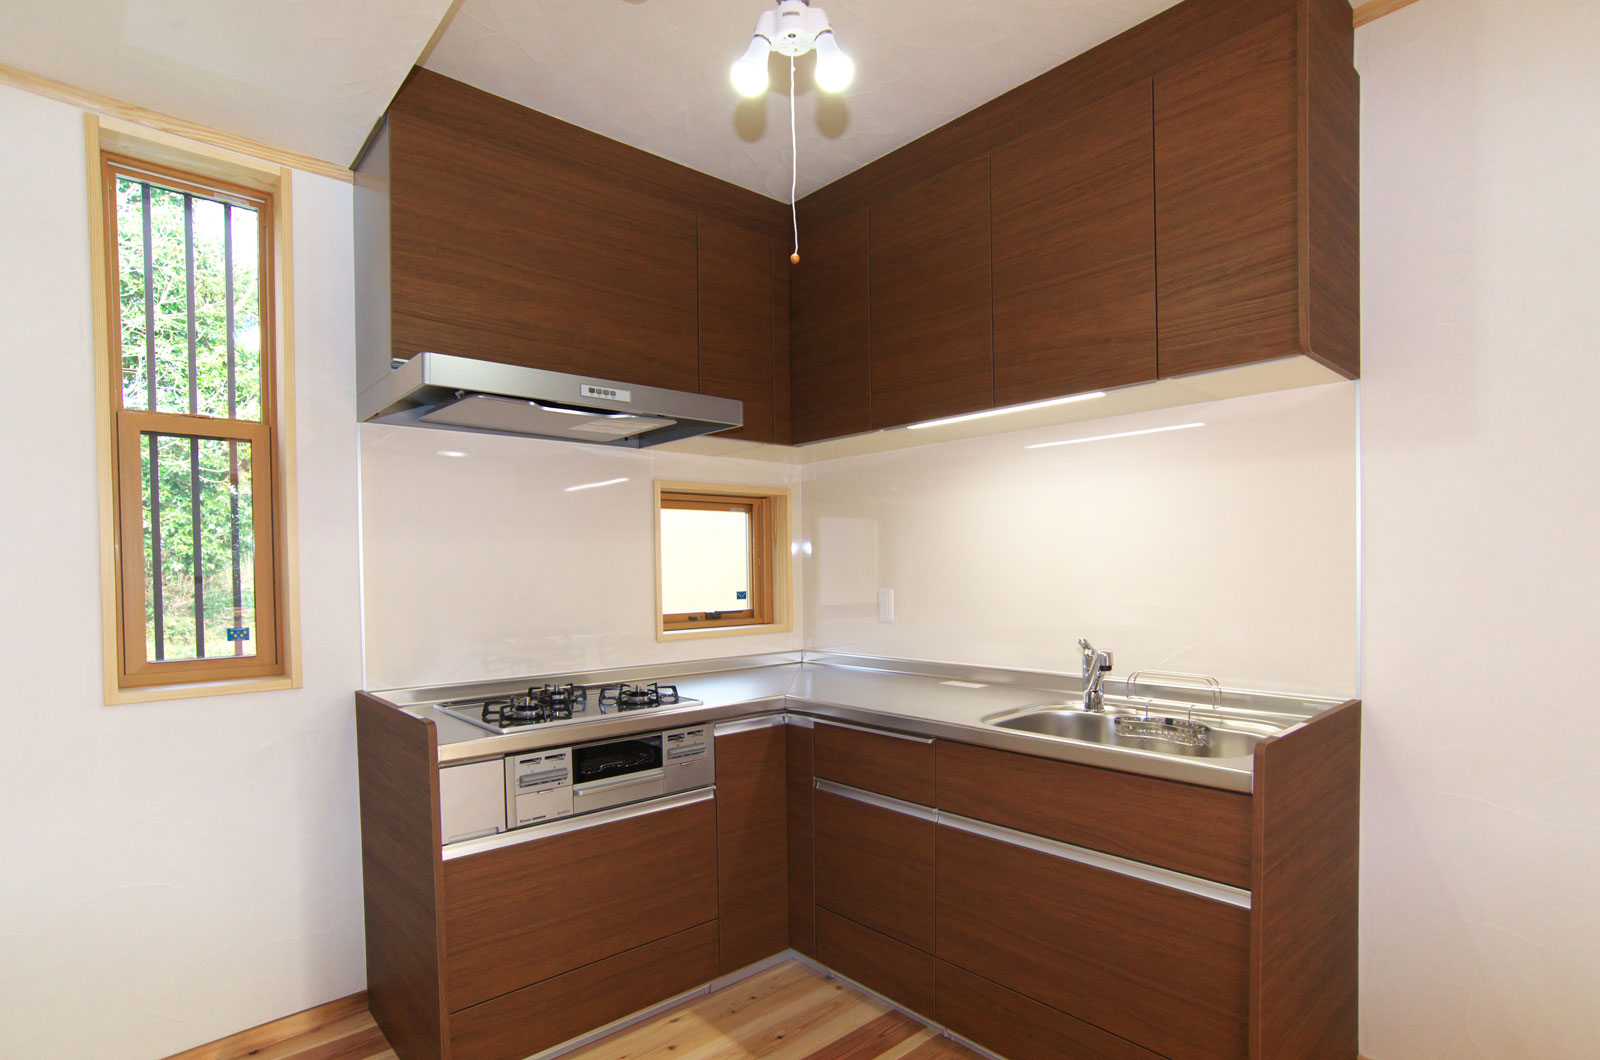 壁面に面したキッチンは、窓からの光を取り入れているので気持ちよくお料理できます。